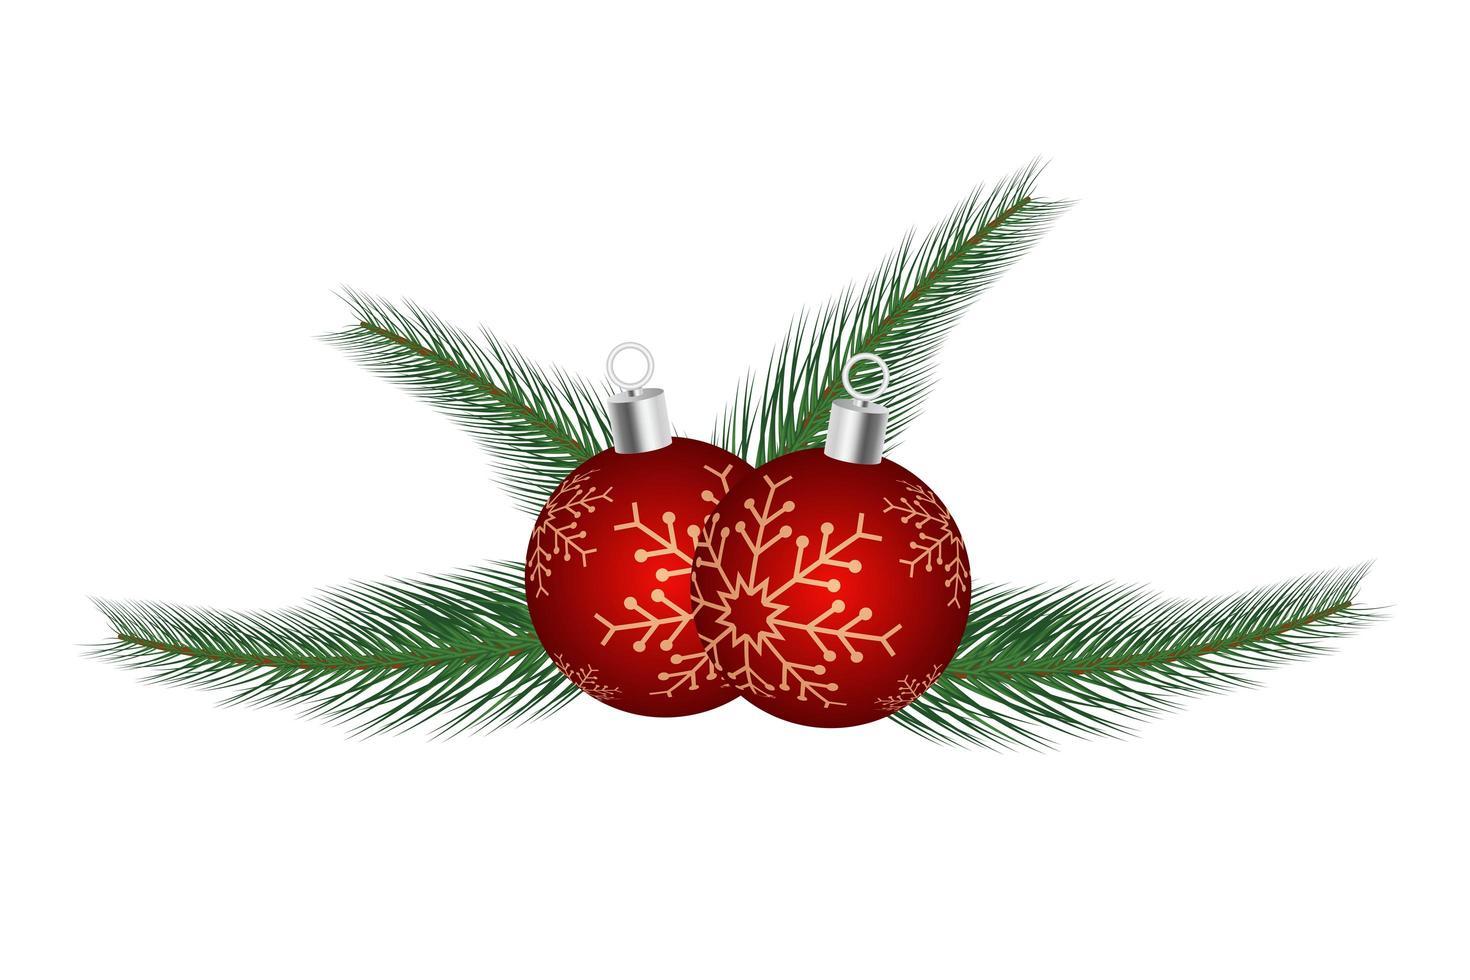 ornamento di Natale con palla rossa vettore